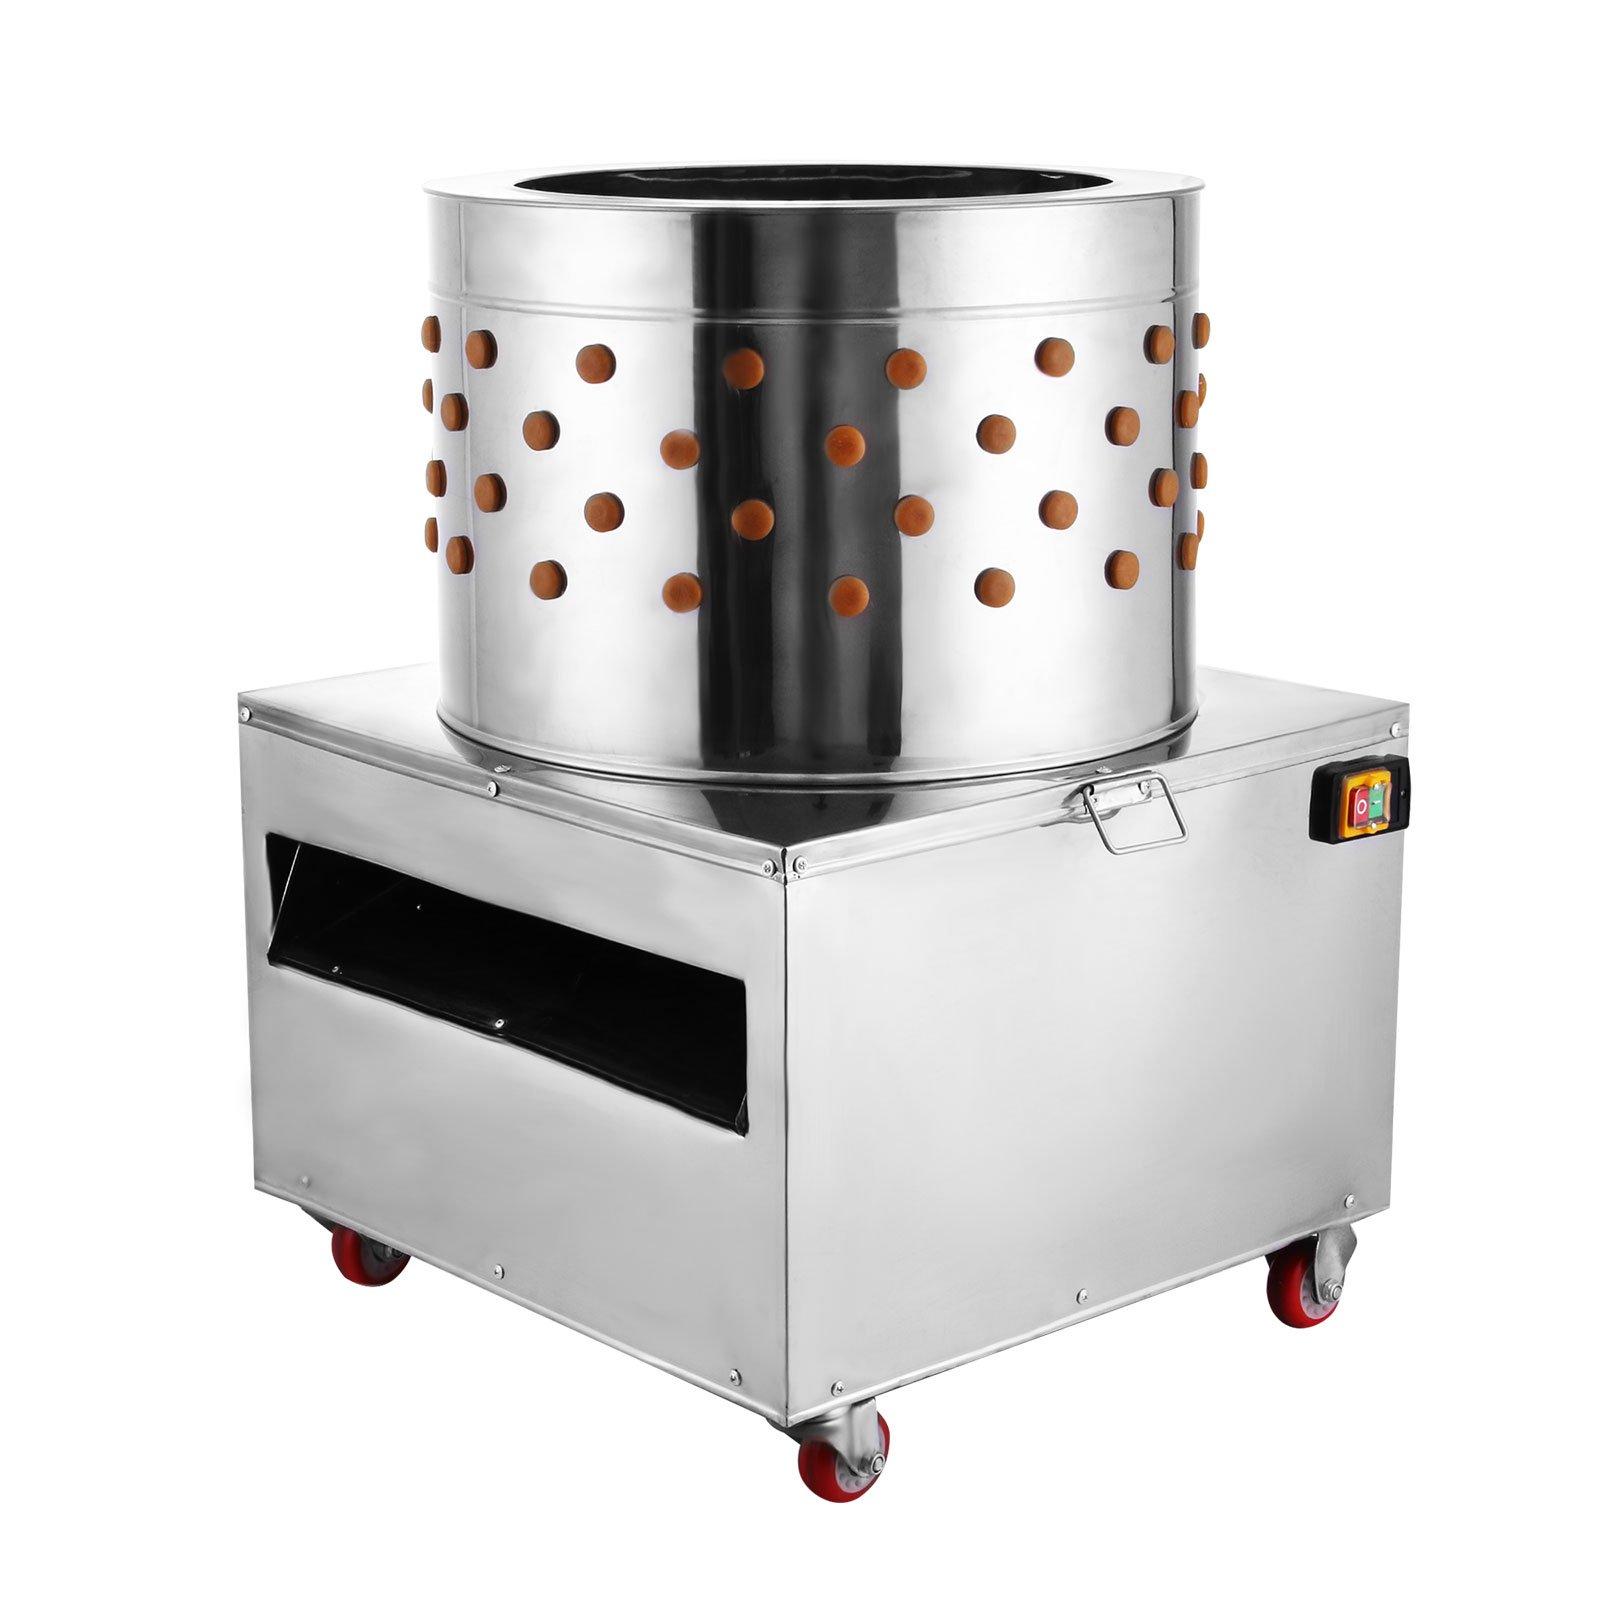 VEVOR Stainless Steel Chicken Plucker Turkey Poultry Defeather Plucking Machine 23.5Inch, 2200W 240R/Min by VEVOR